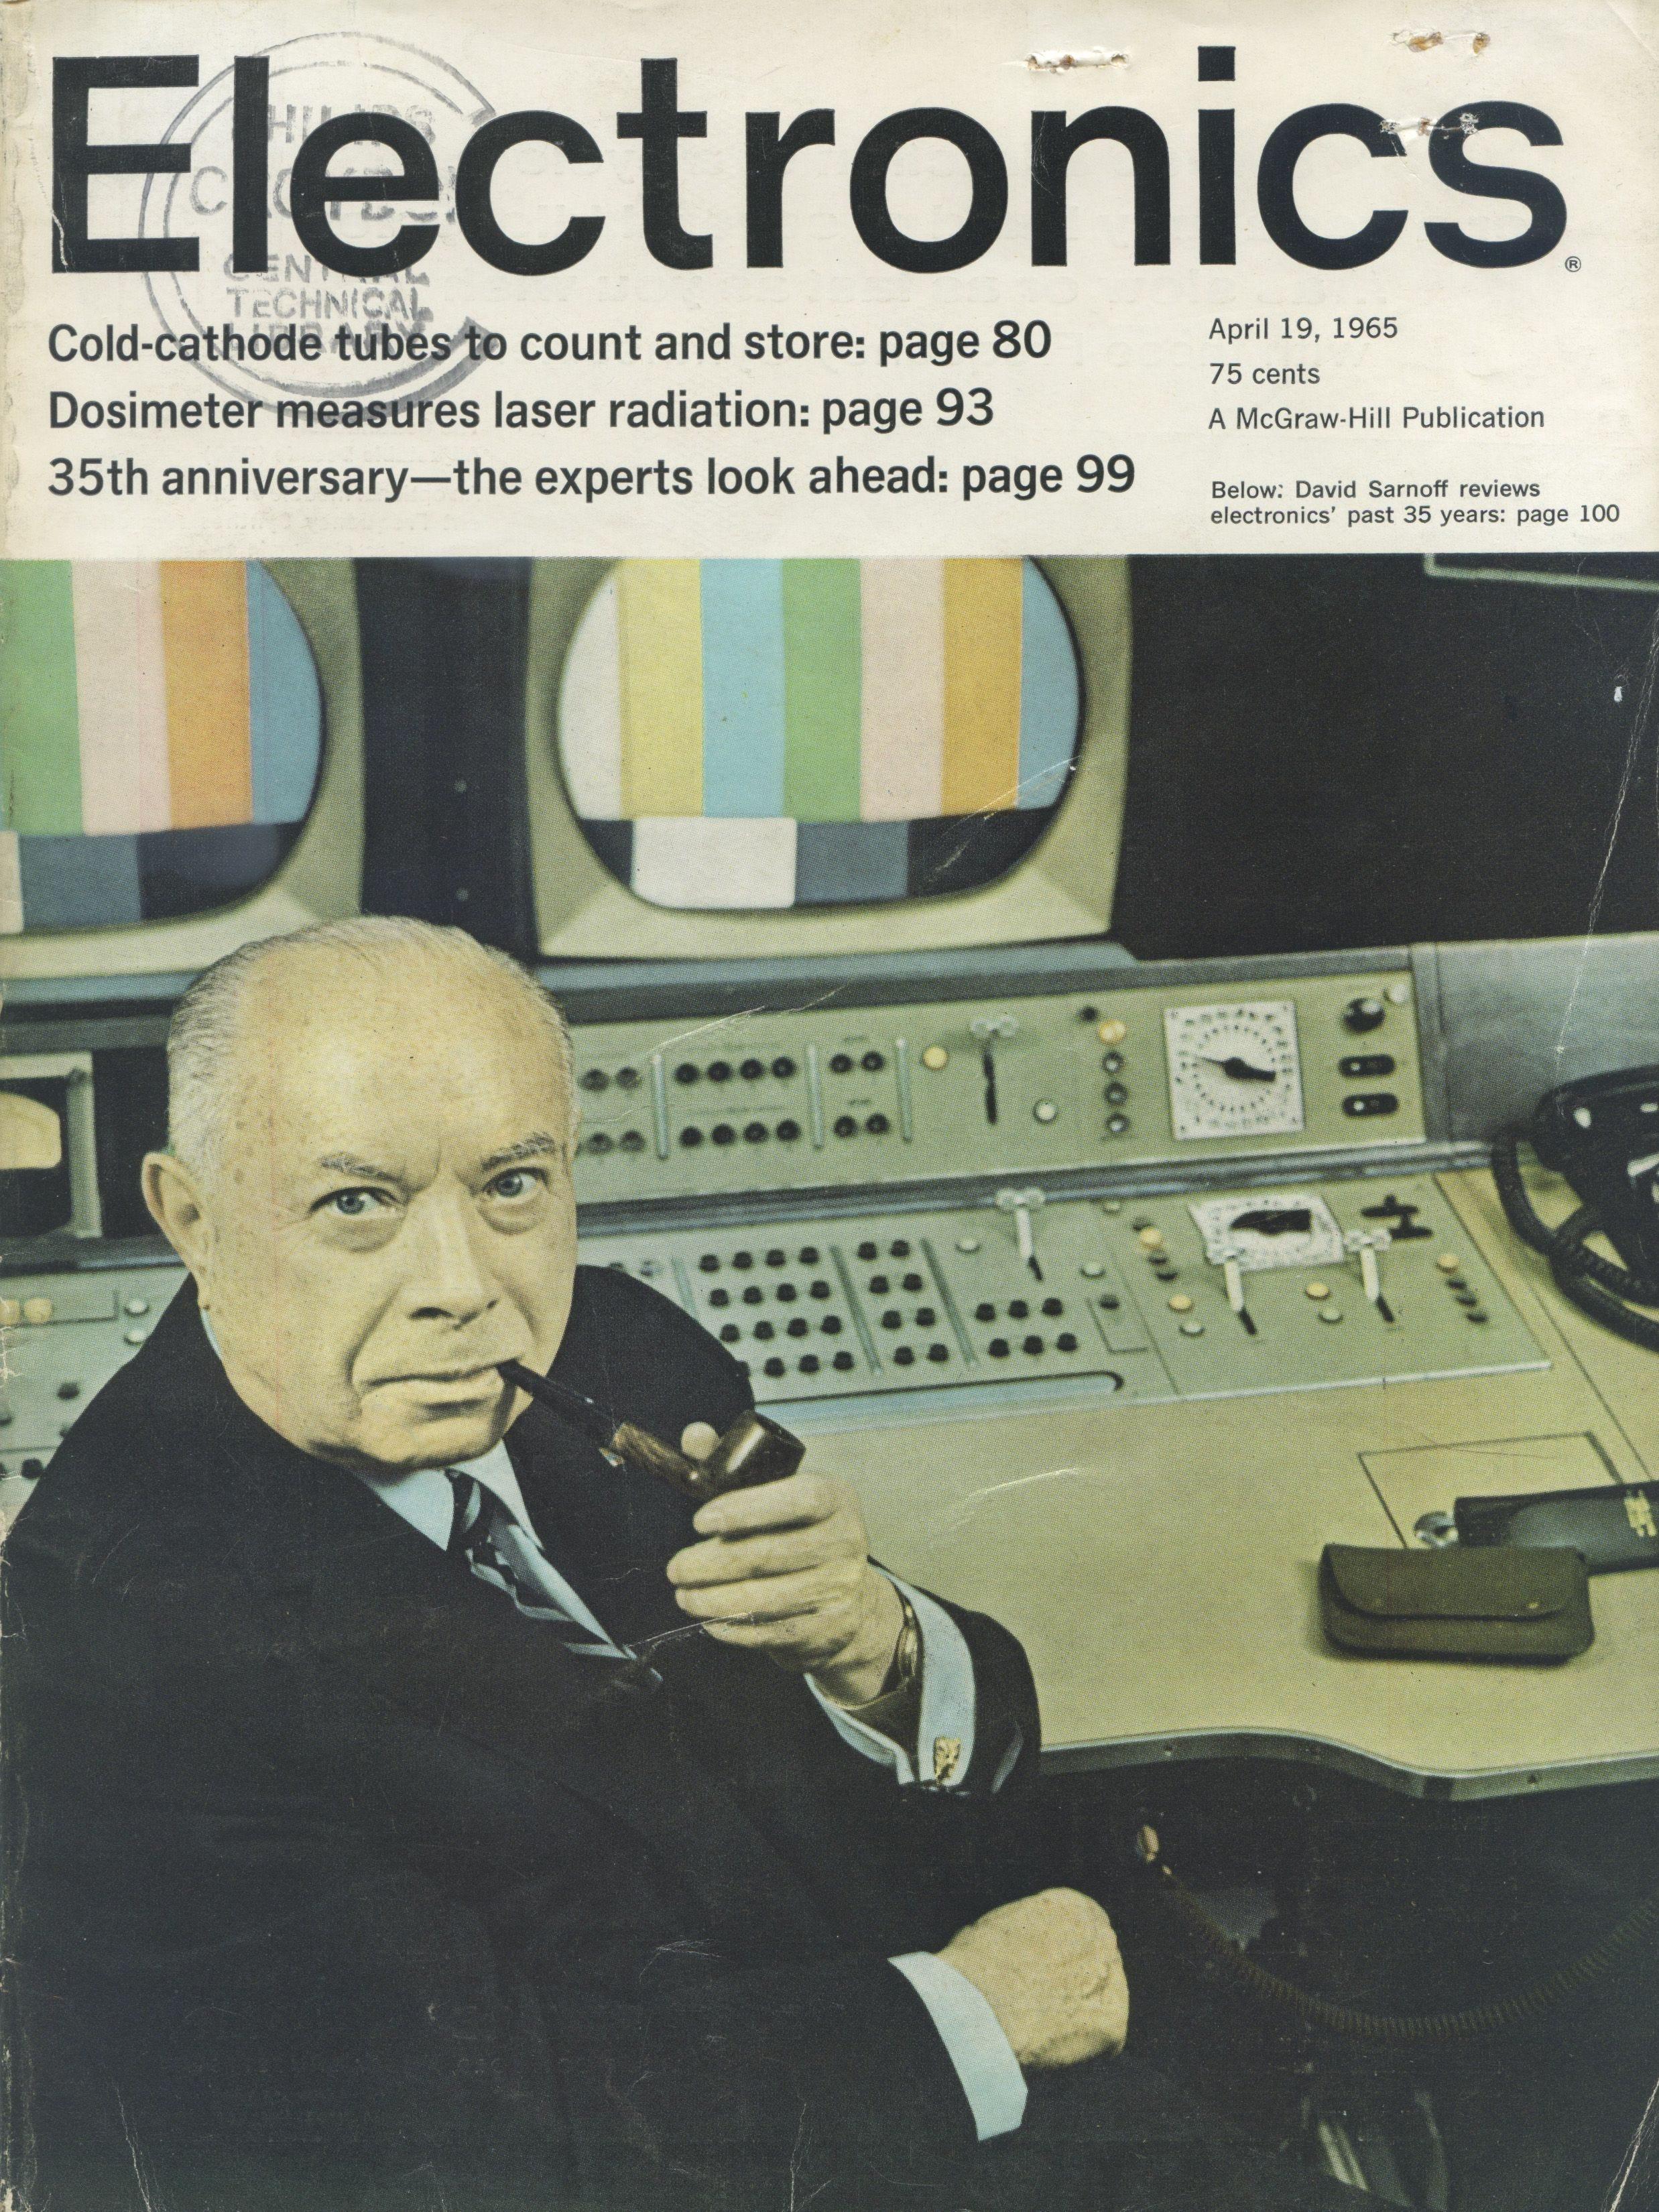 La revista electrónica de abril de 1965 en la que Moore